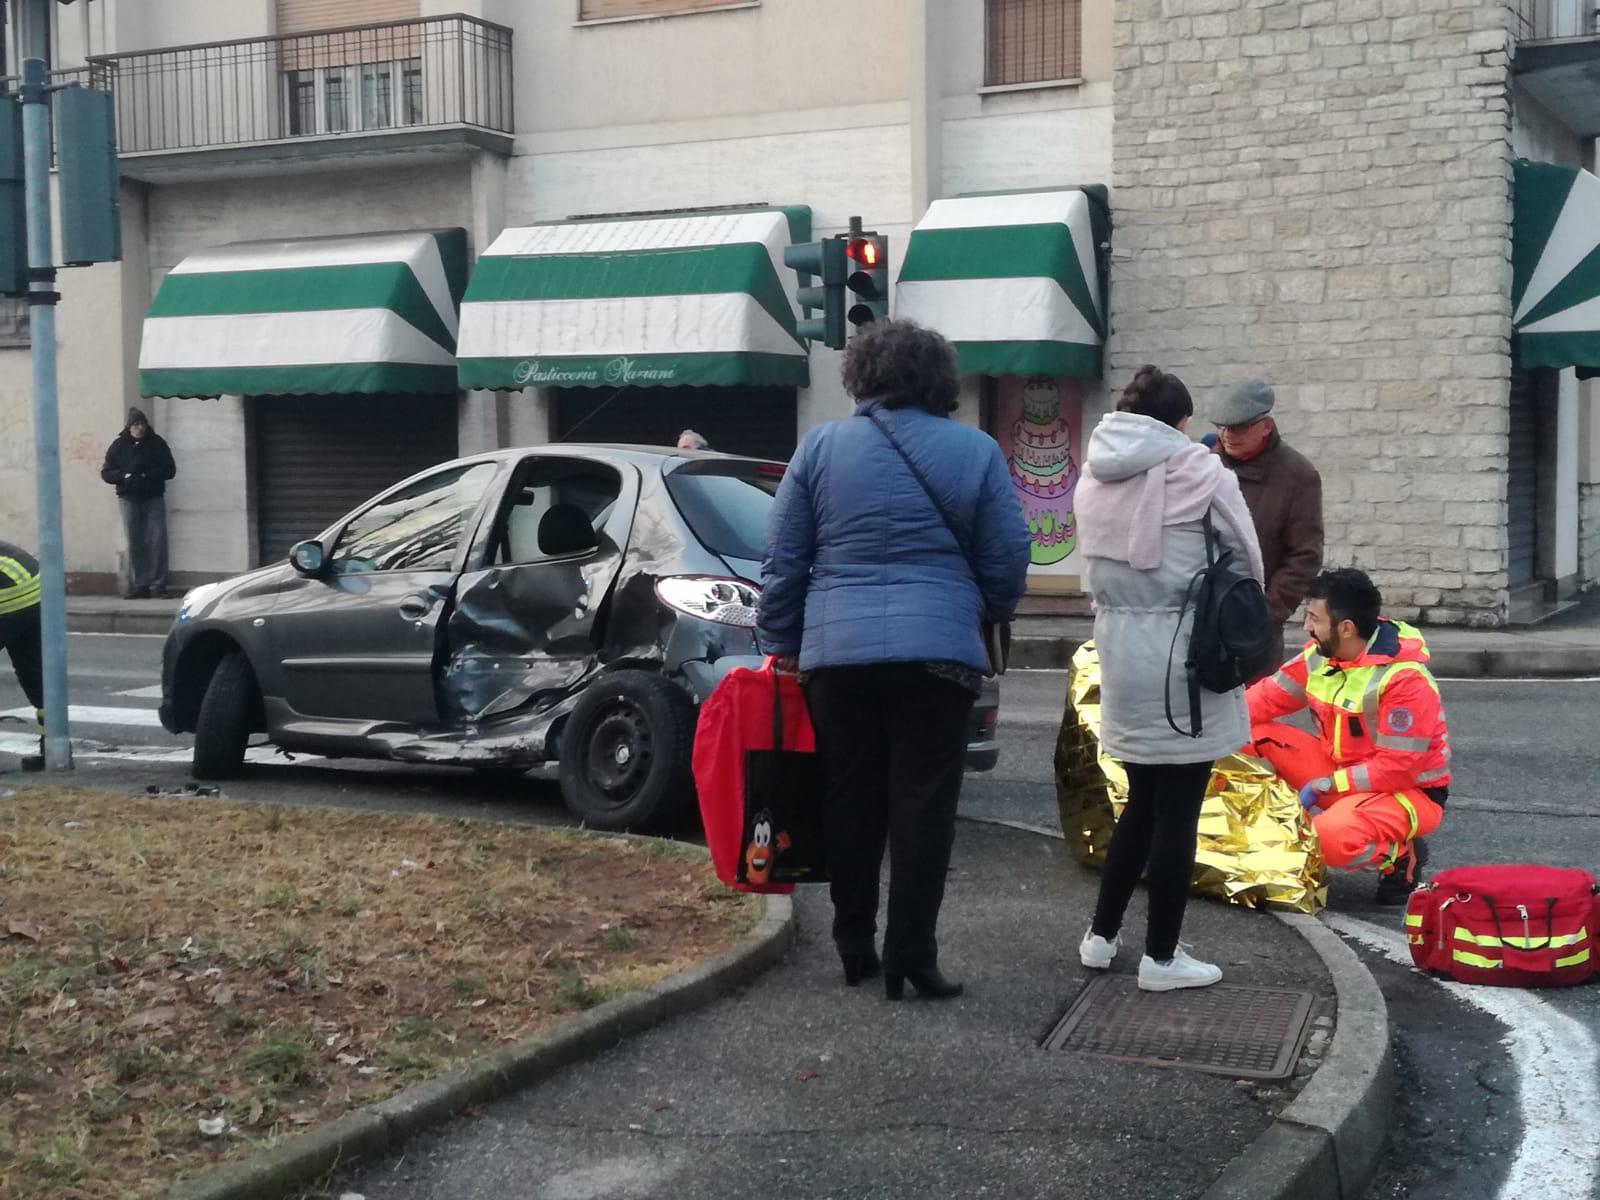 Scontro tra due auto a Seregno, quattro persone coinvolte